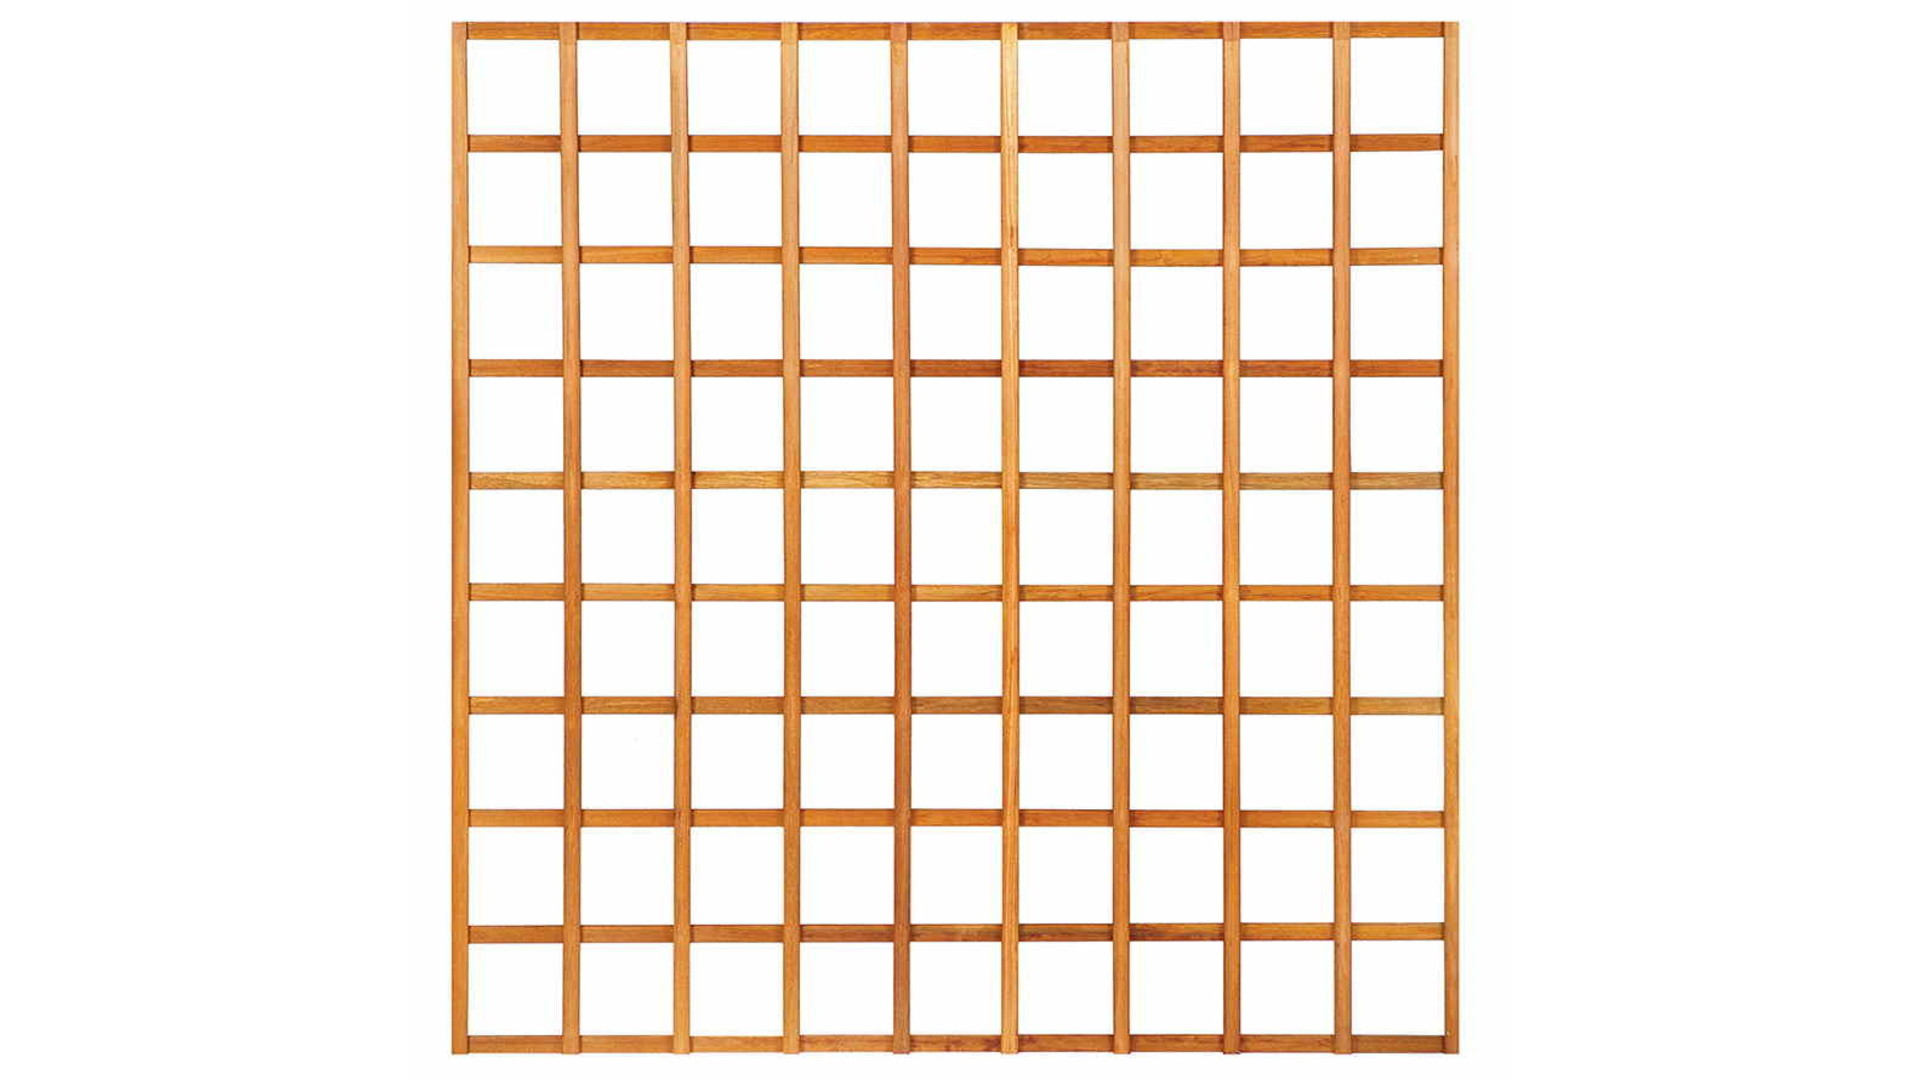 Houten Trellis met lijst 180x180 cm recht zonder lijst lamel